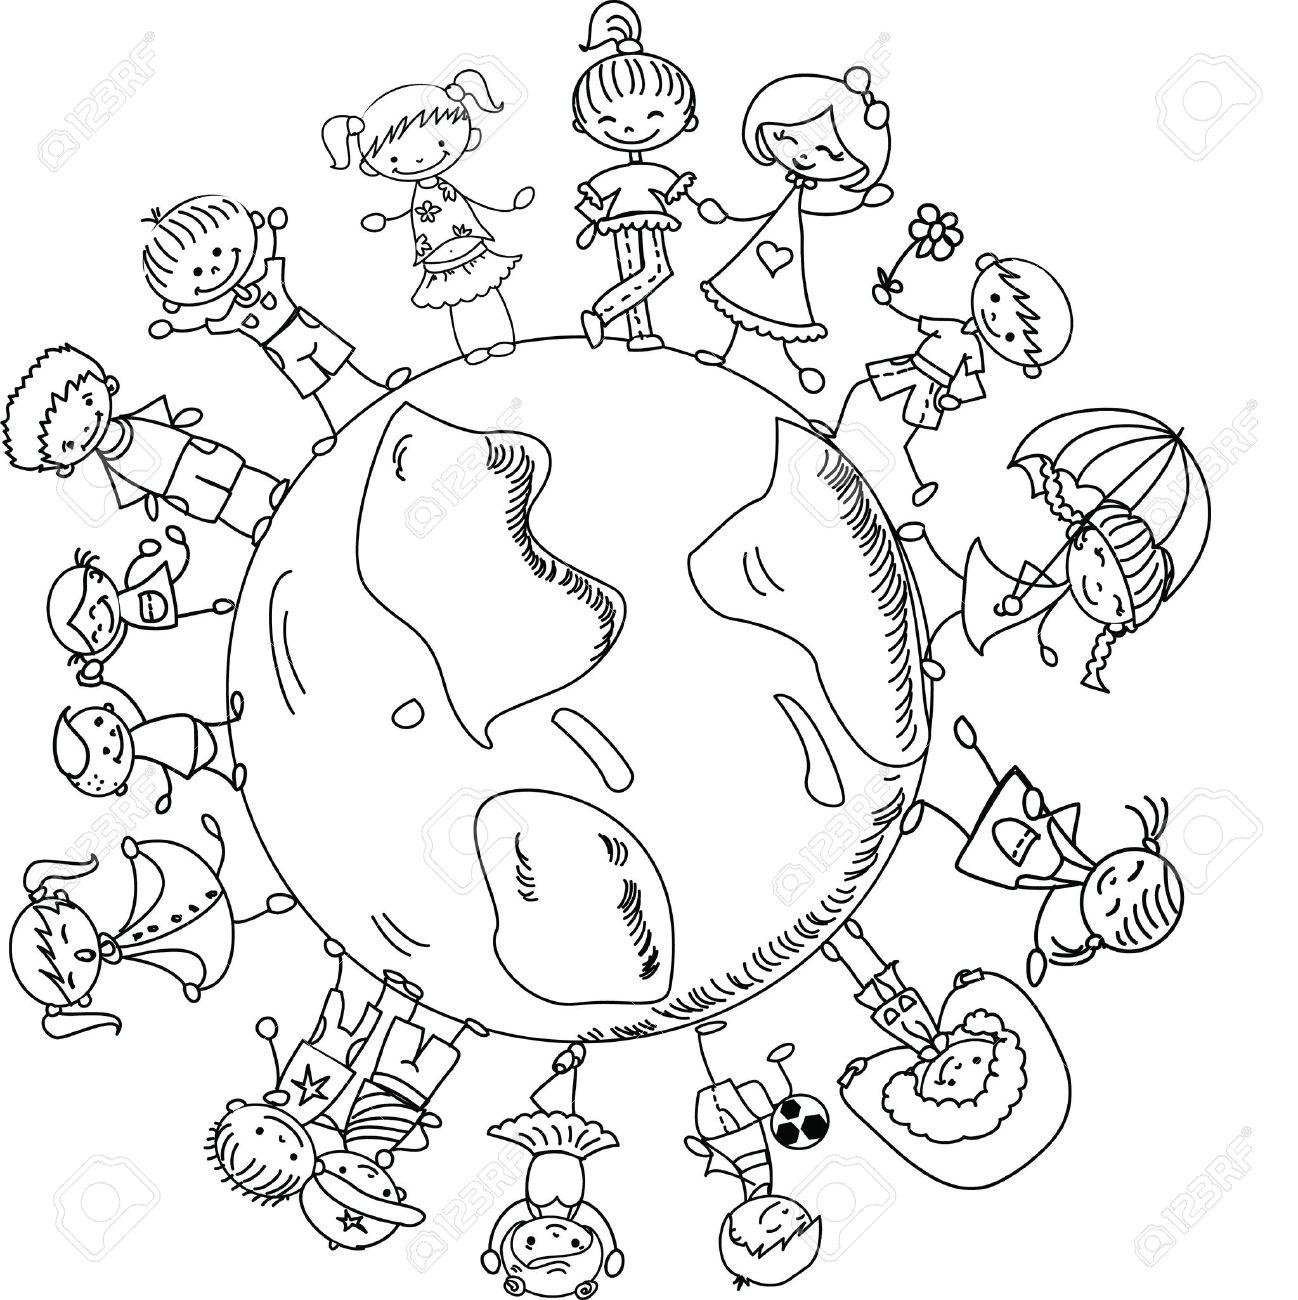 Kinder Weltkugel Malvorlage  Coloring and Malvorlagan